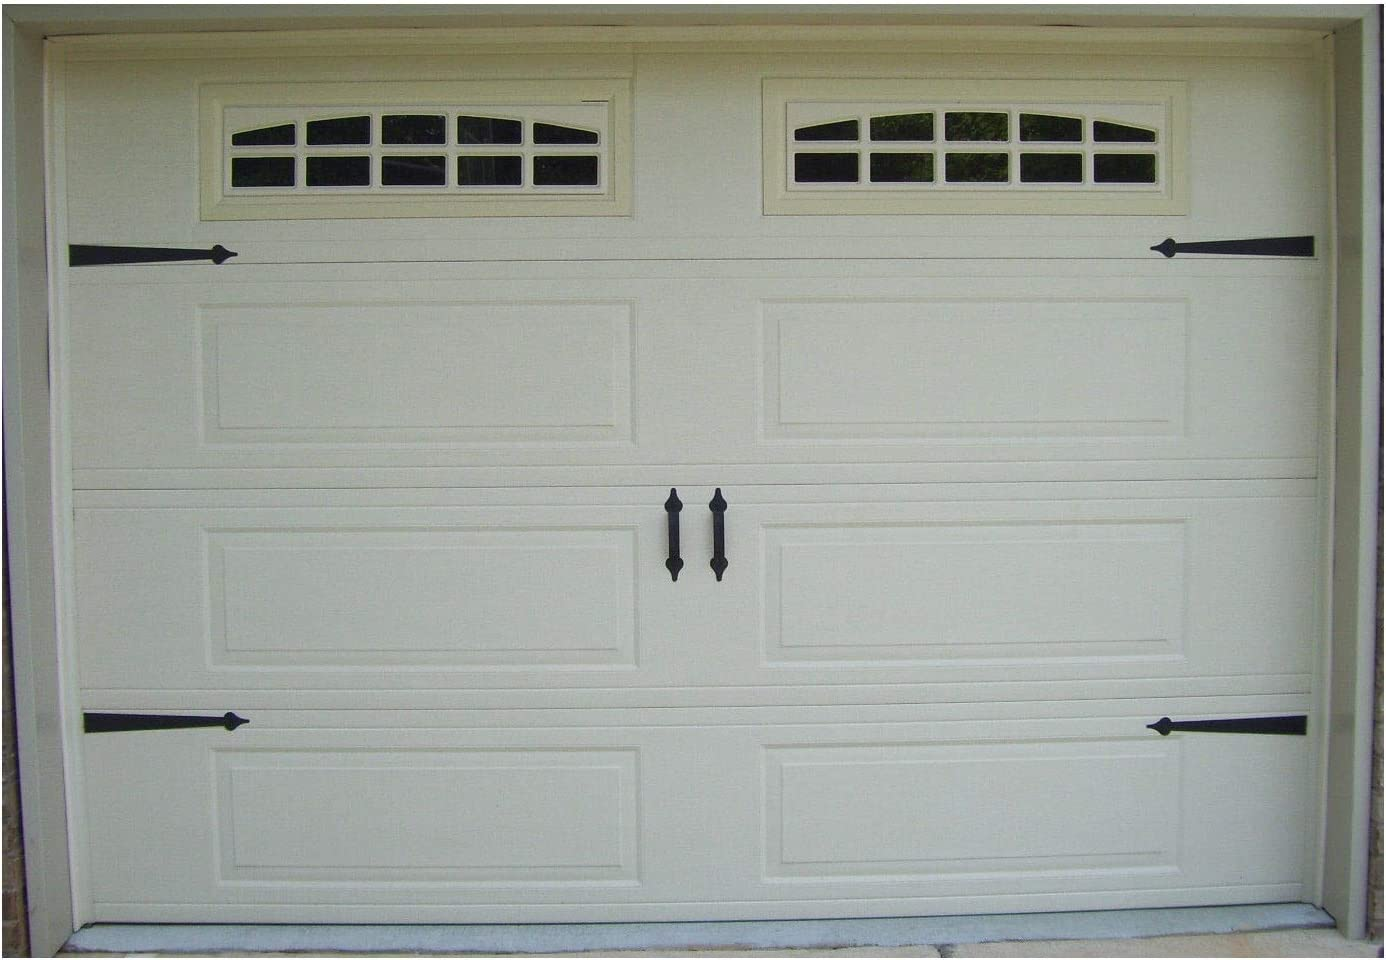 Deluxe Garage Door Decorative Hardware Kit Hinges Handles Includes Screws Amazon Com